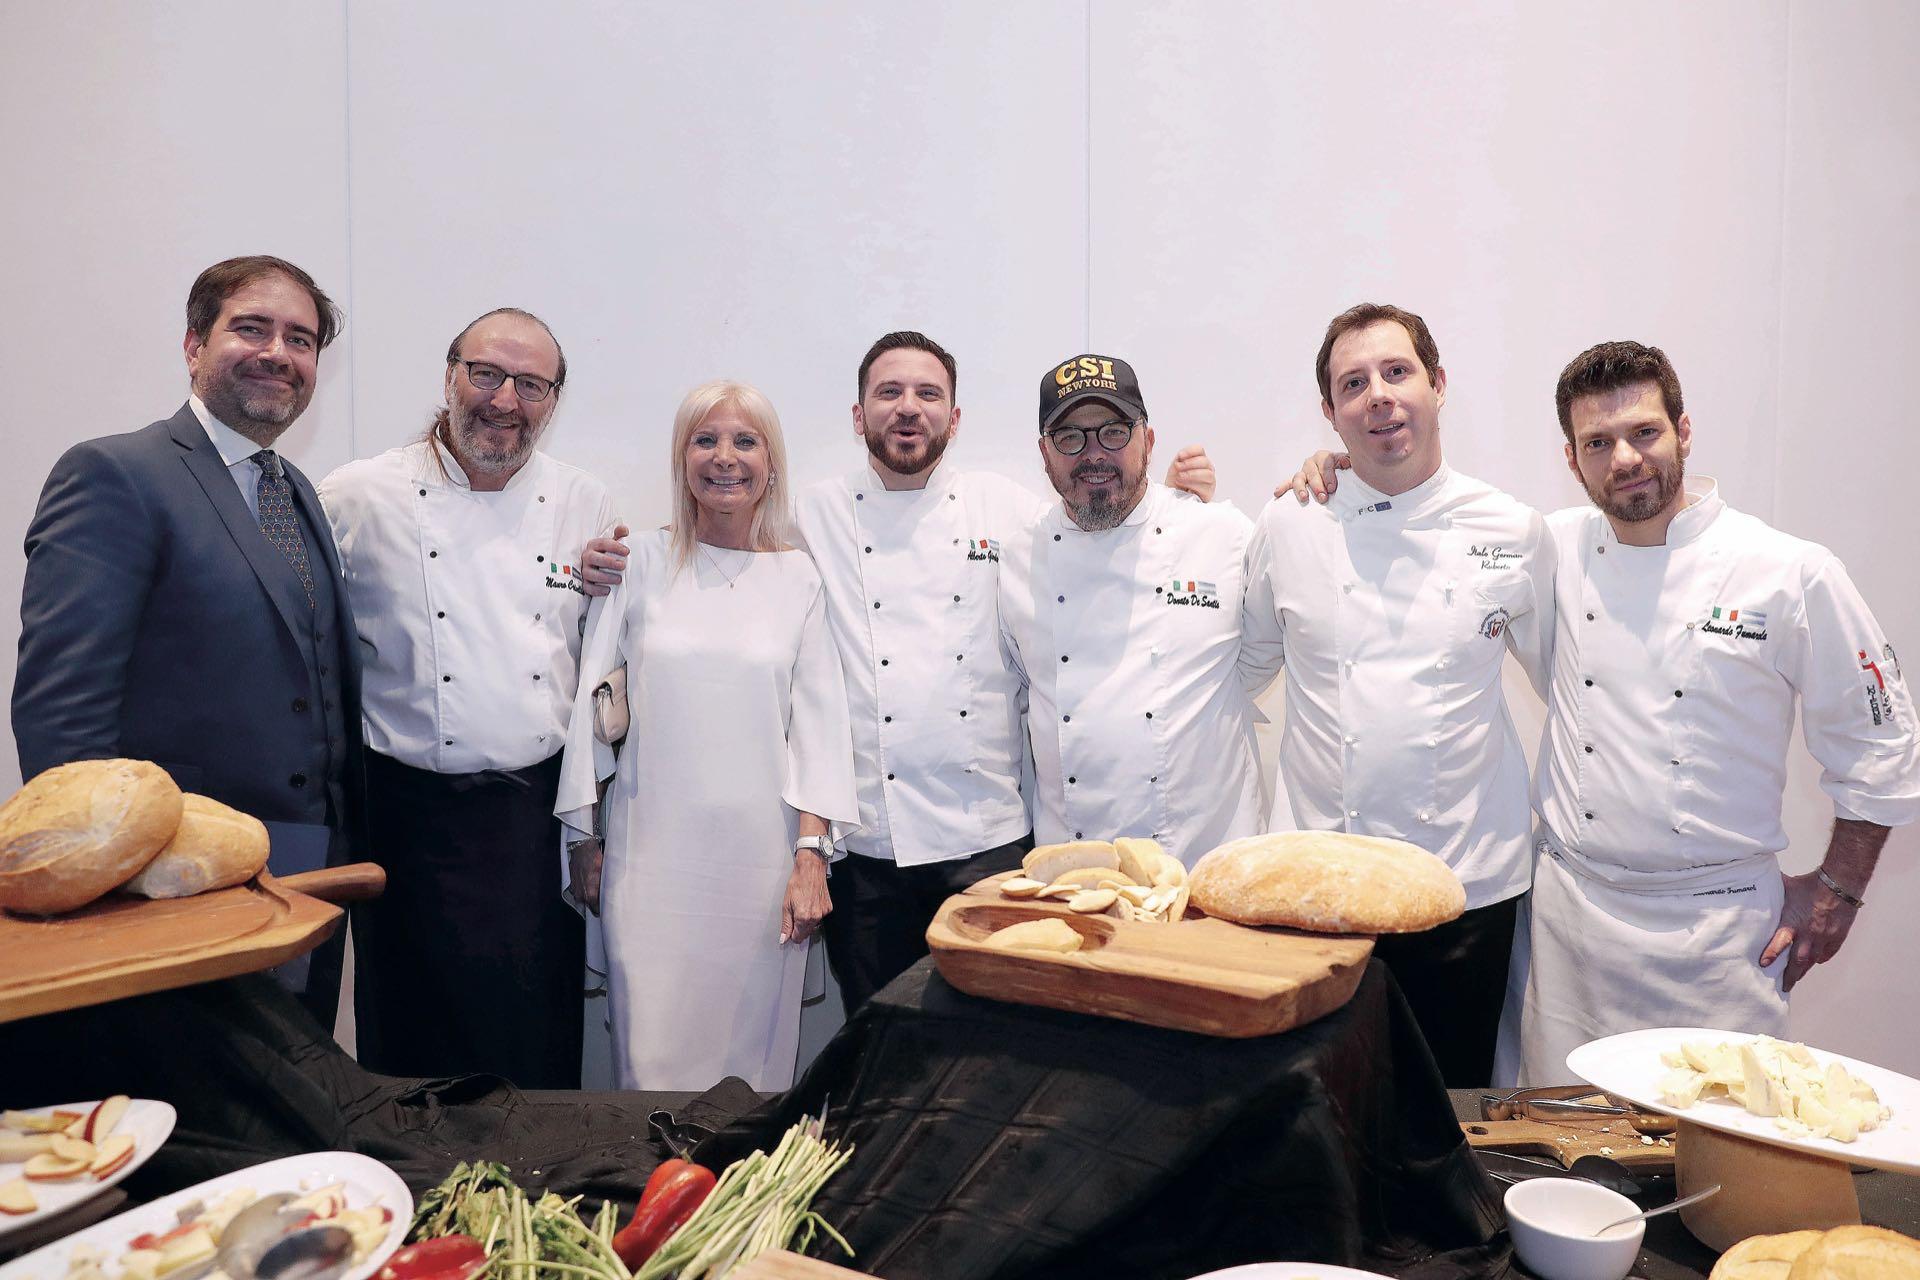 La embajadoraTeresa Castaldo,gran anfitriona,en la cocina delhotel y con los chefs. Foto: Francisco Trombetta/GENTE